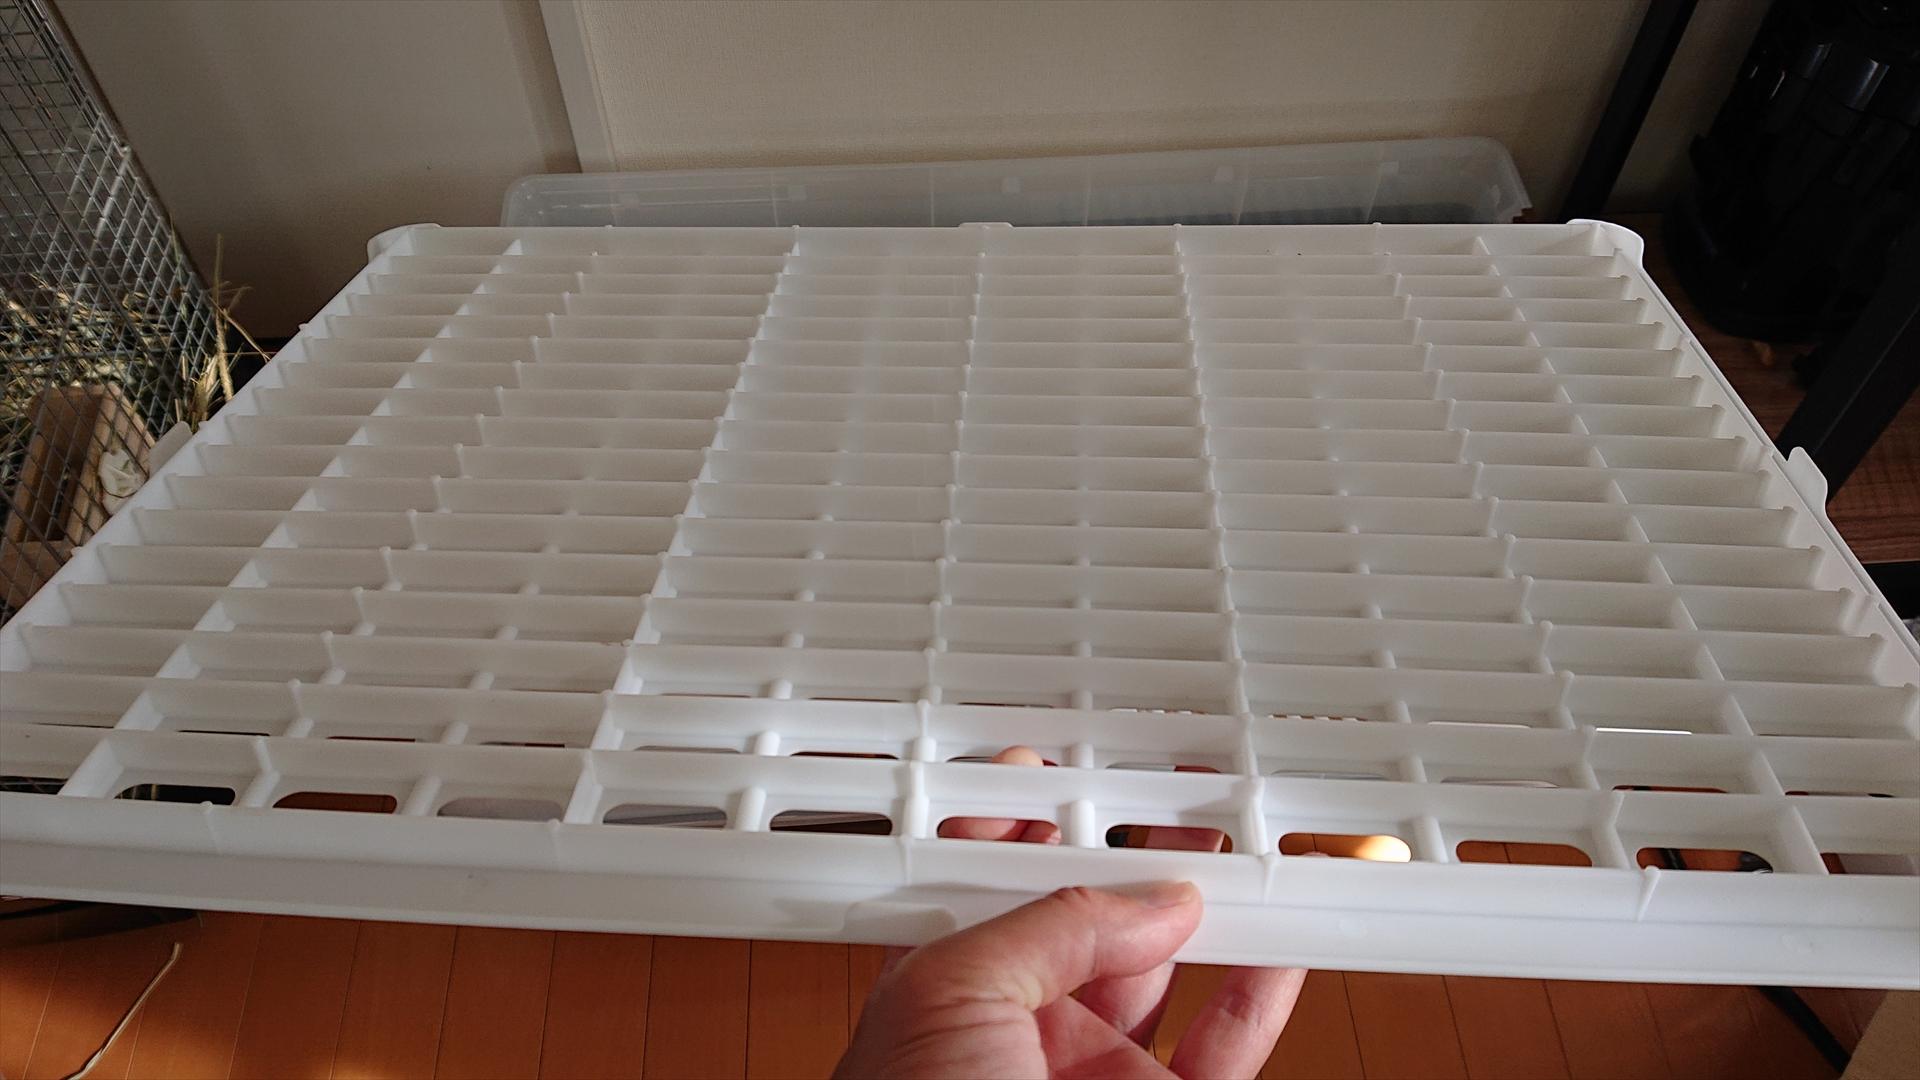 こちらはスノコです。イージーホーム80は金属製のスノコでしたが、こちらはプラスチック製です。足ダンに耐えられるのかな?と思っていたのですが、ちゃんと補強構造になっているので問題なさそうです。金属ではないのでカチャンカチャン音がしないのは良いですね!